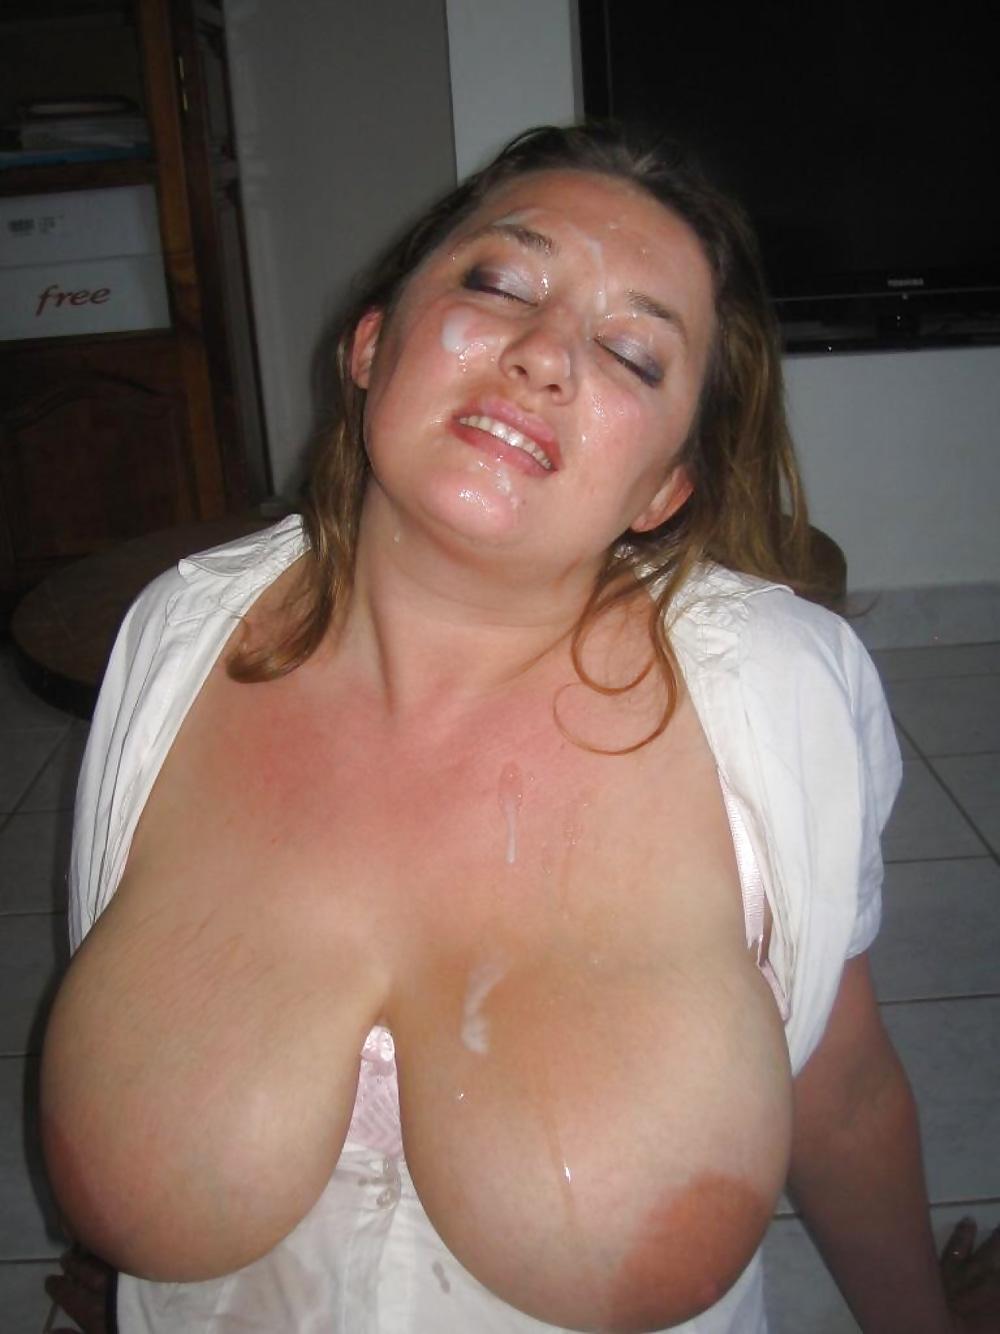 pantyhose-plump-girl-huge-tits-facial-intercourse